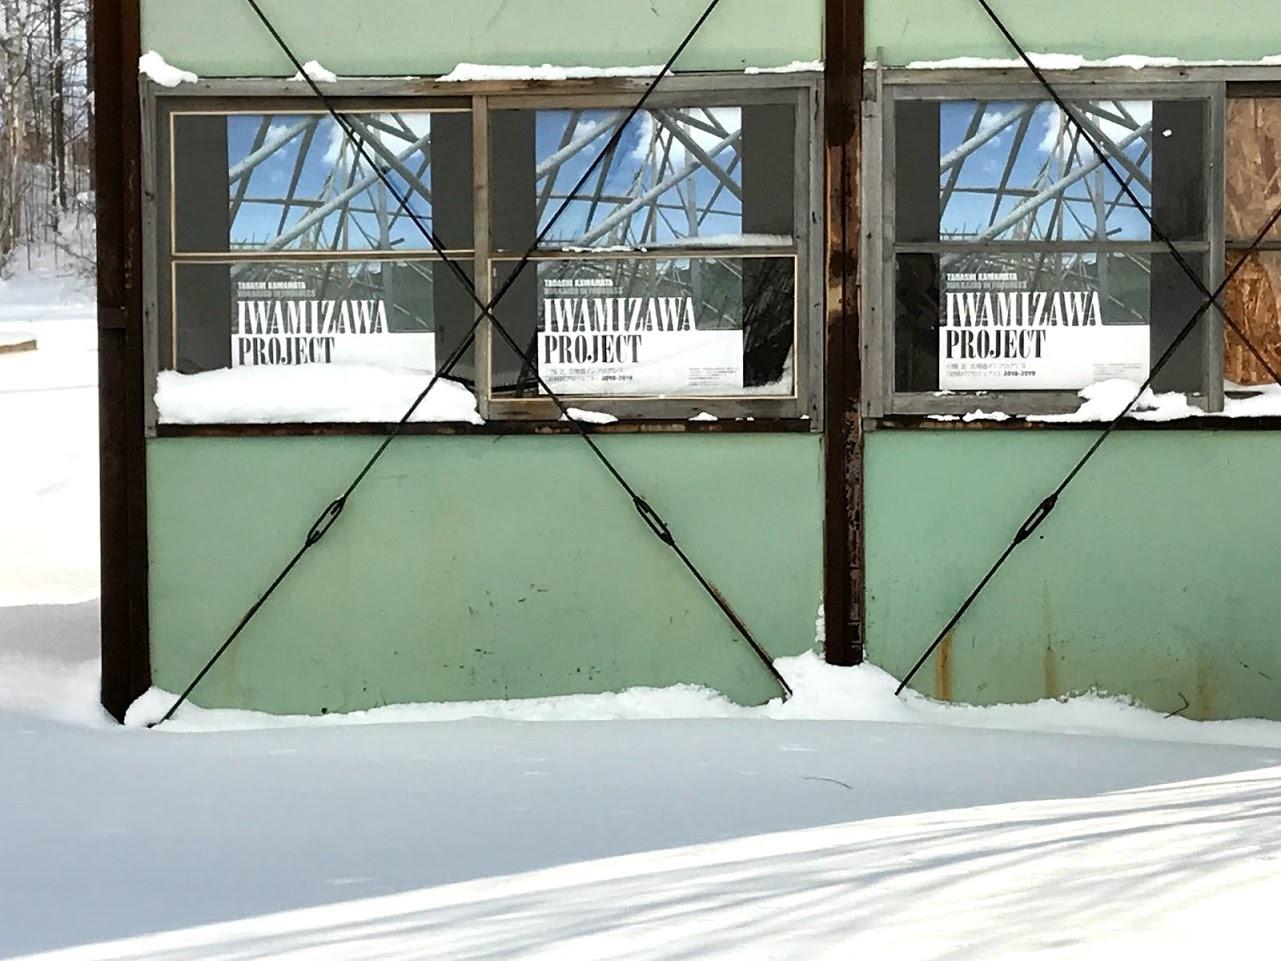 雪の中の岩見沢プロジェクト_c0189970_10103245.jpg